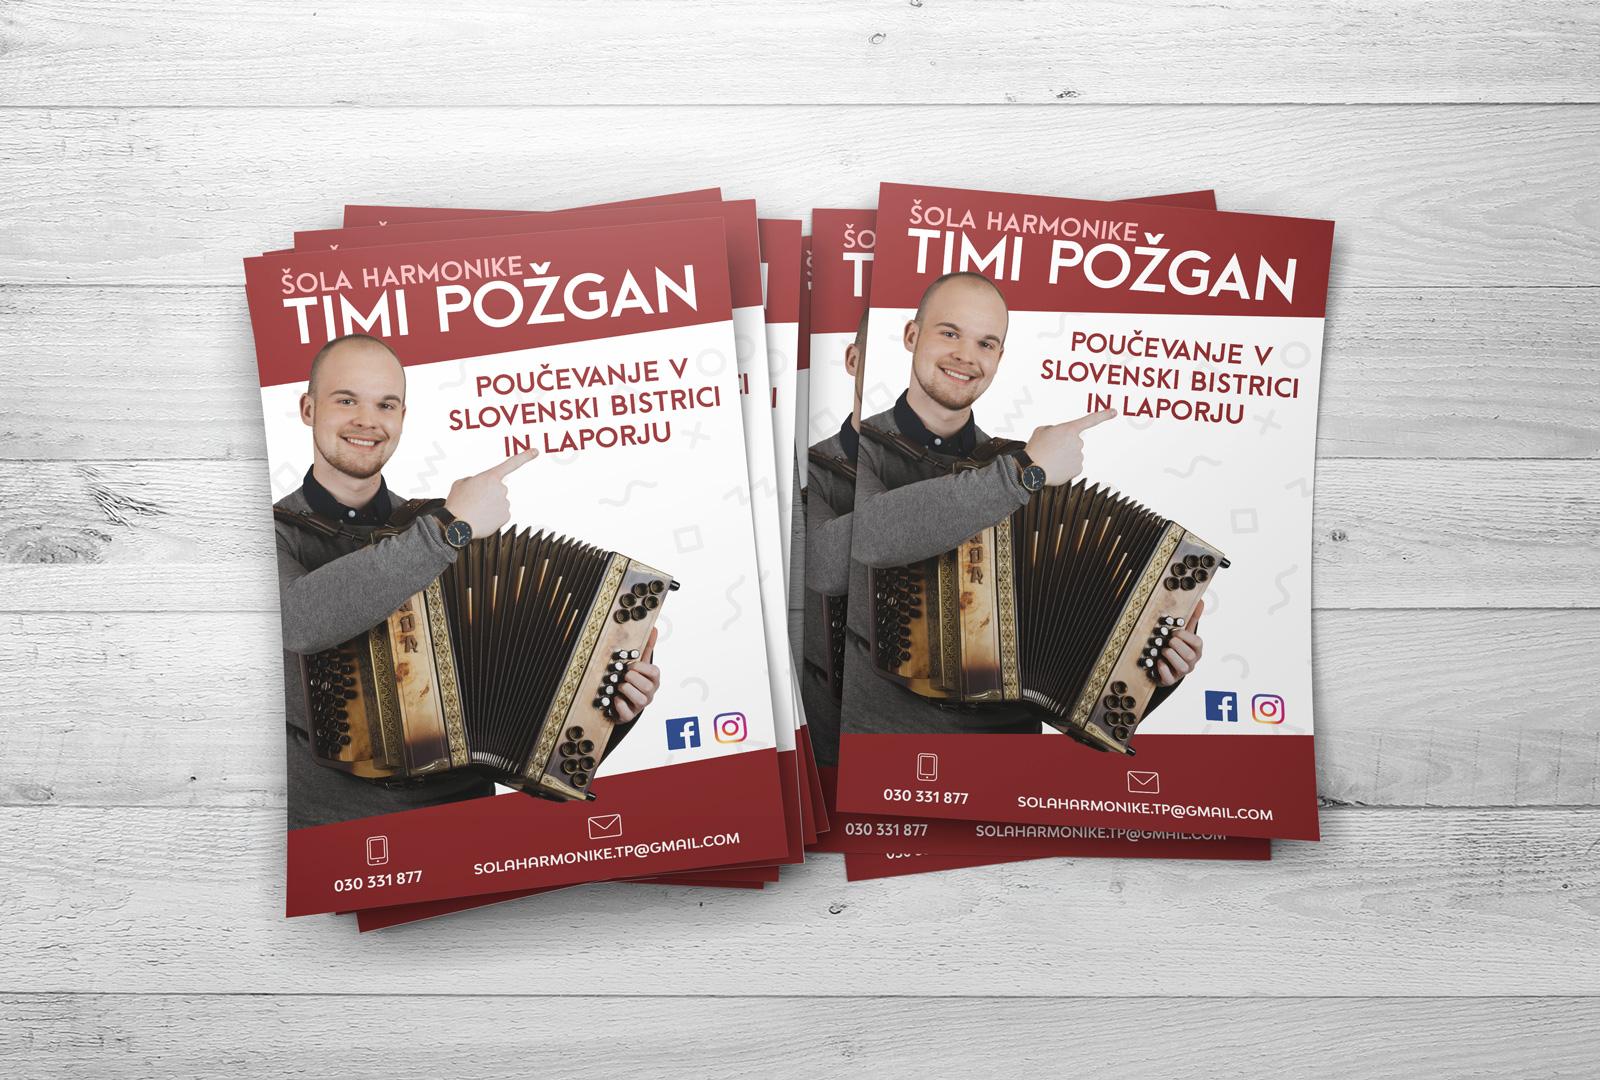 Šola harmonike Timi Požgan